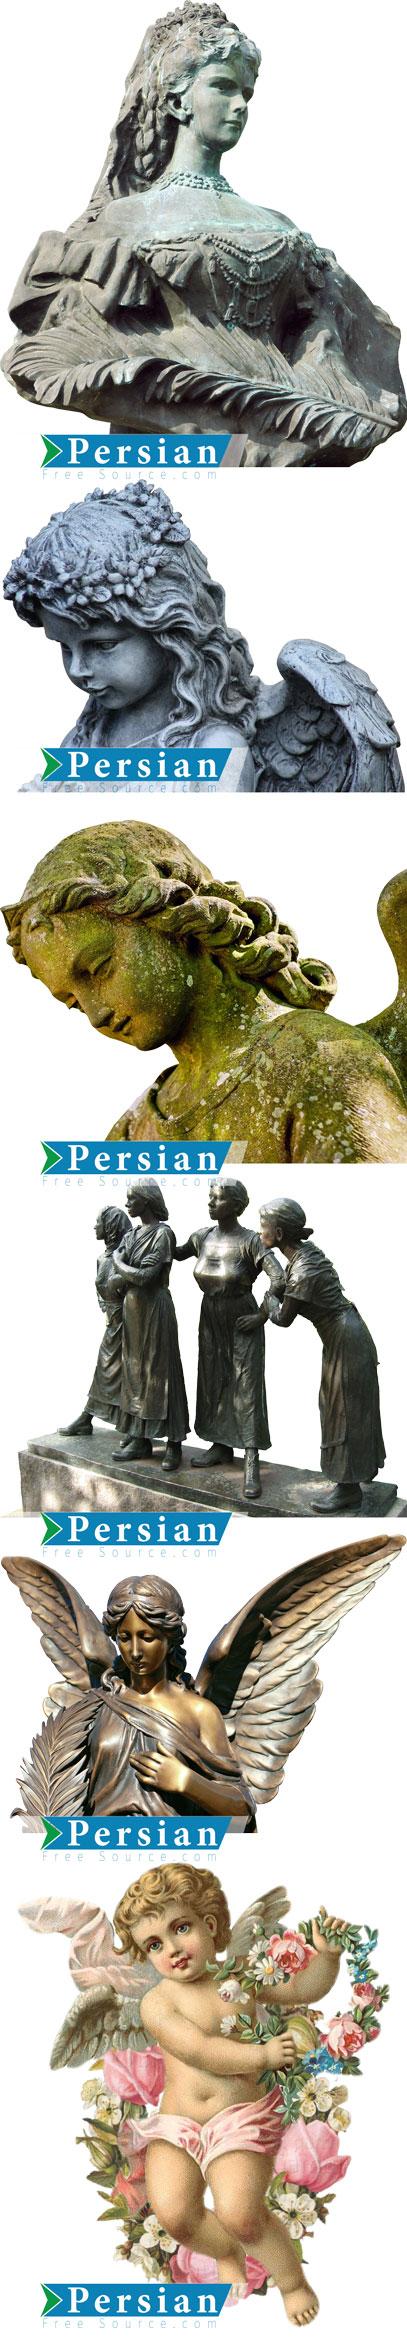 دانلود ۱۵ تصویر PNG مجسمه فرشته ، کودک و زن